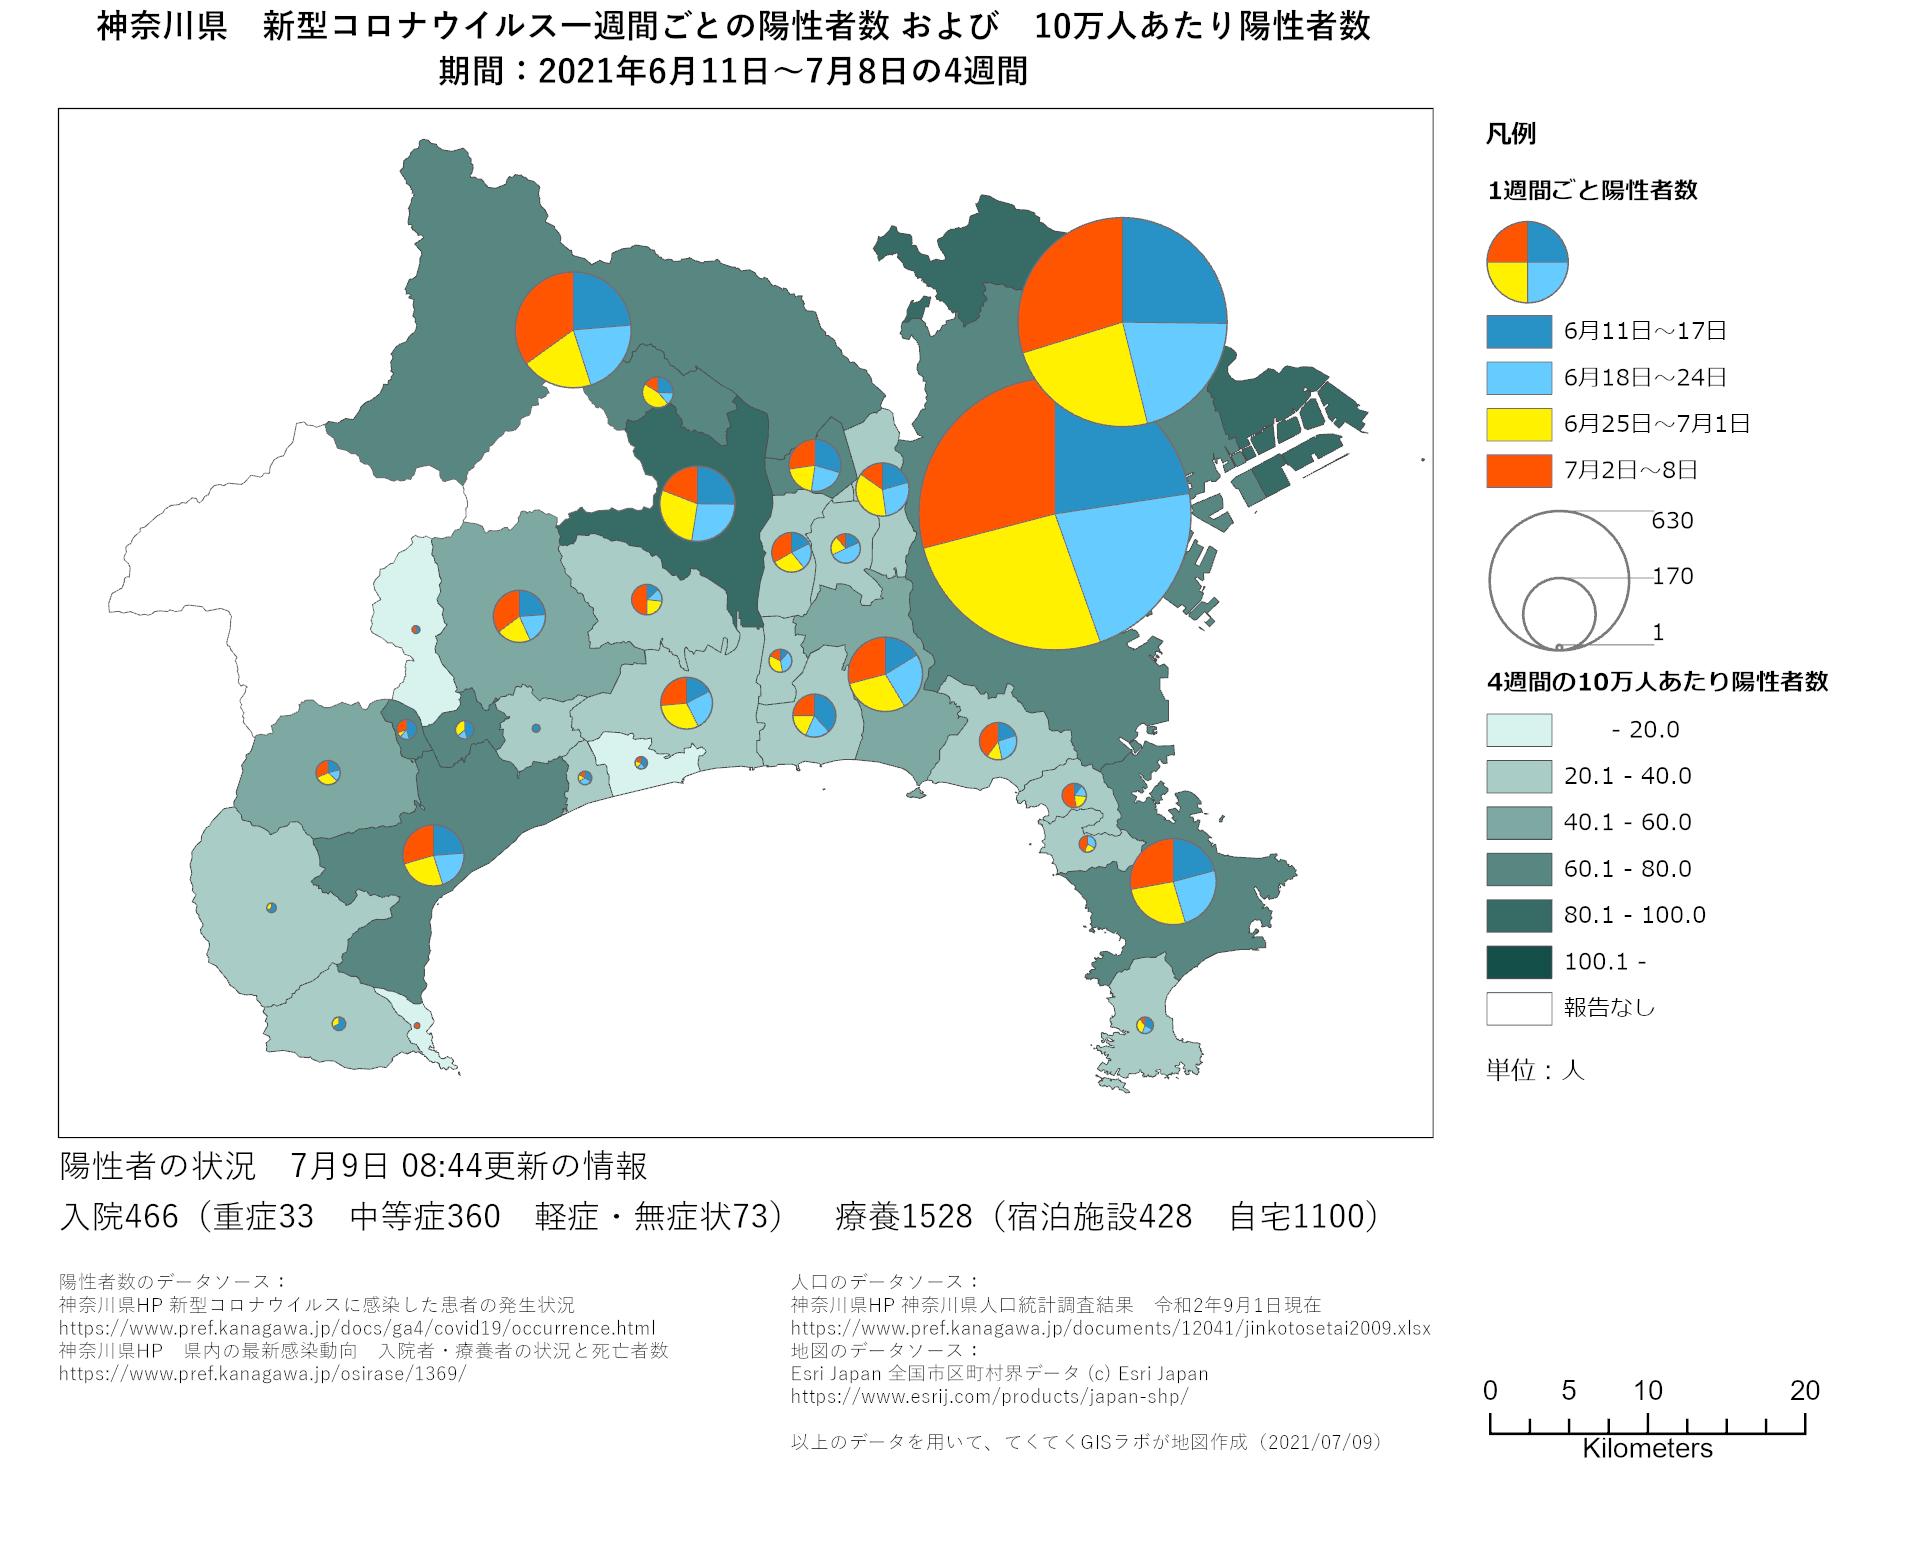 1週間ごと感染者数、神奈川県、6月11日〜7月8日